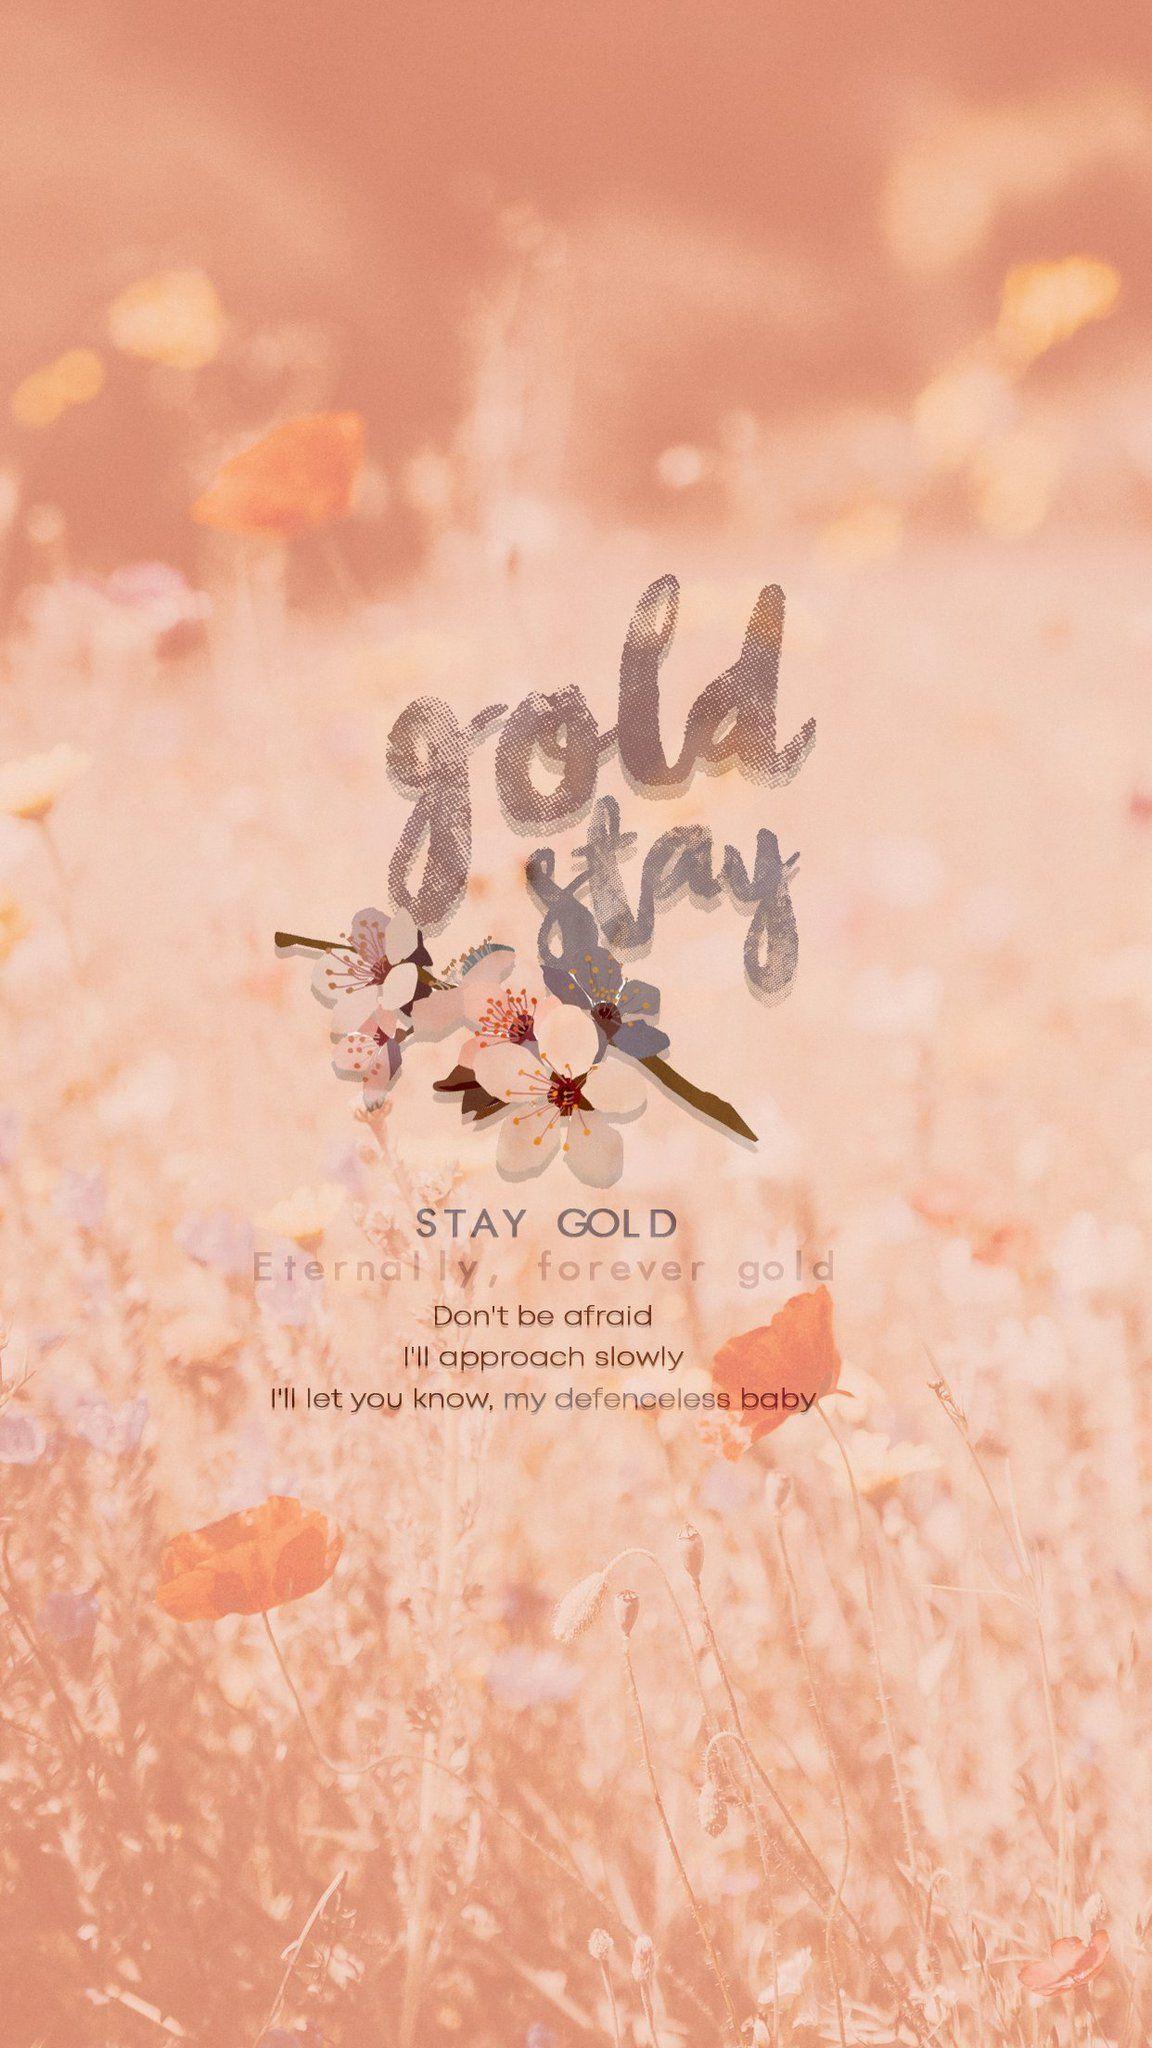 歌詞 stay bts gold